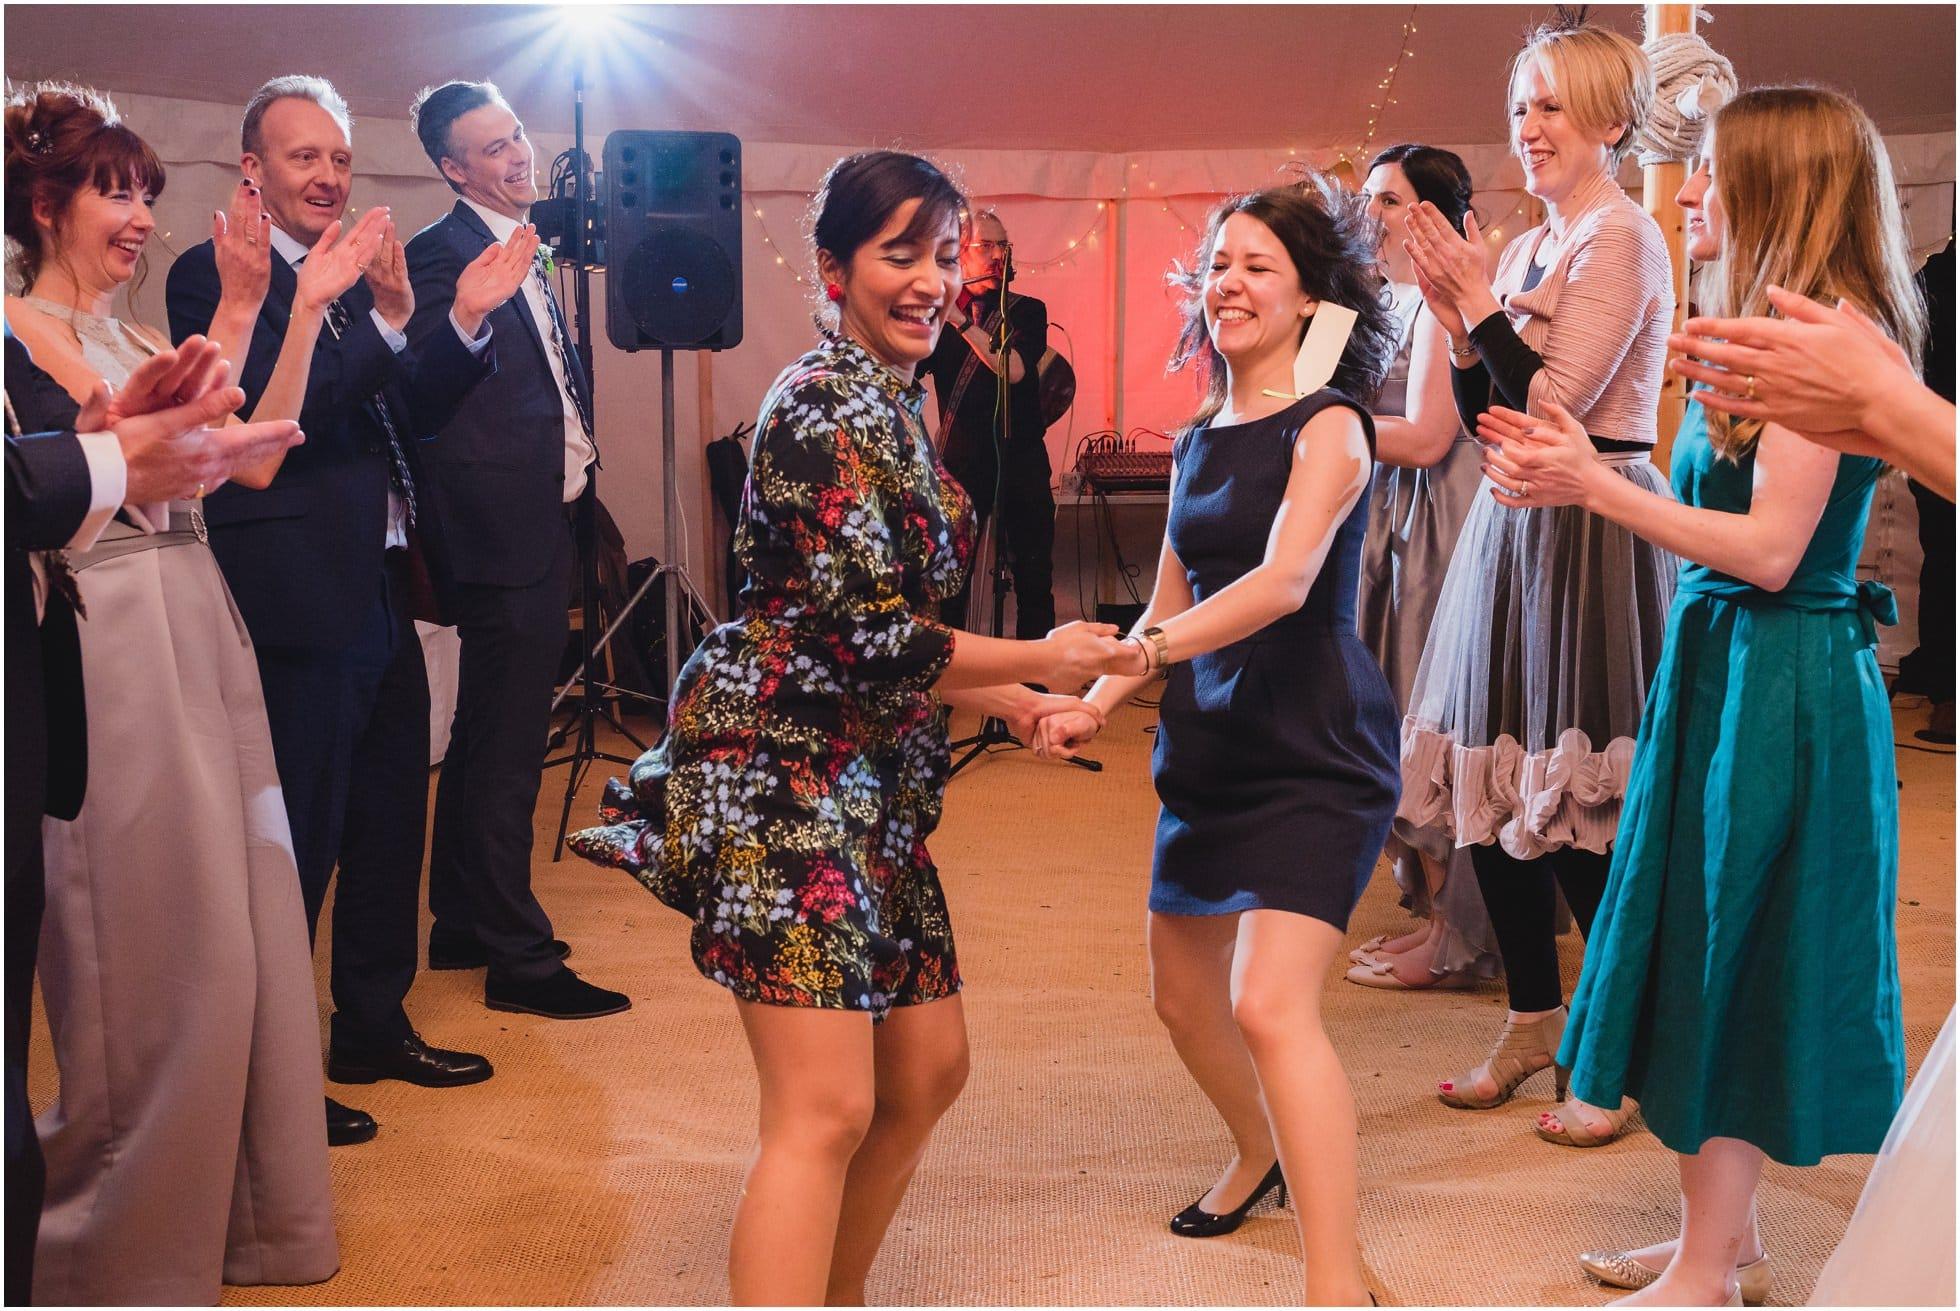 Girls ceilidh dancing like pros